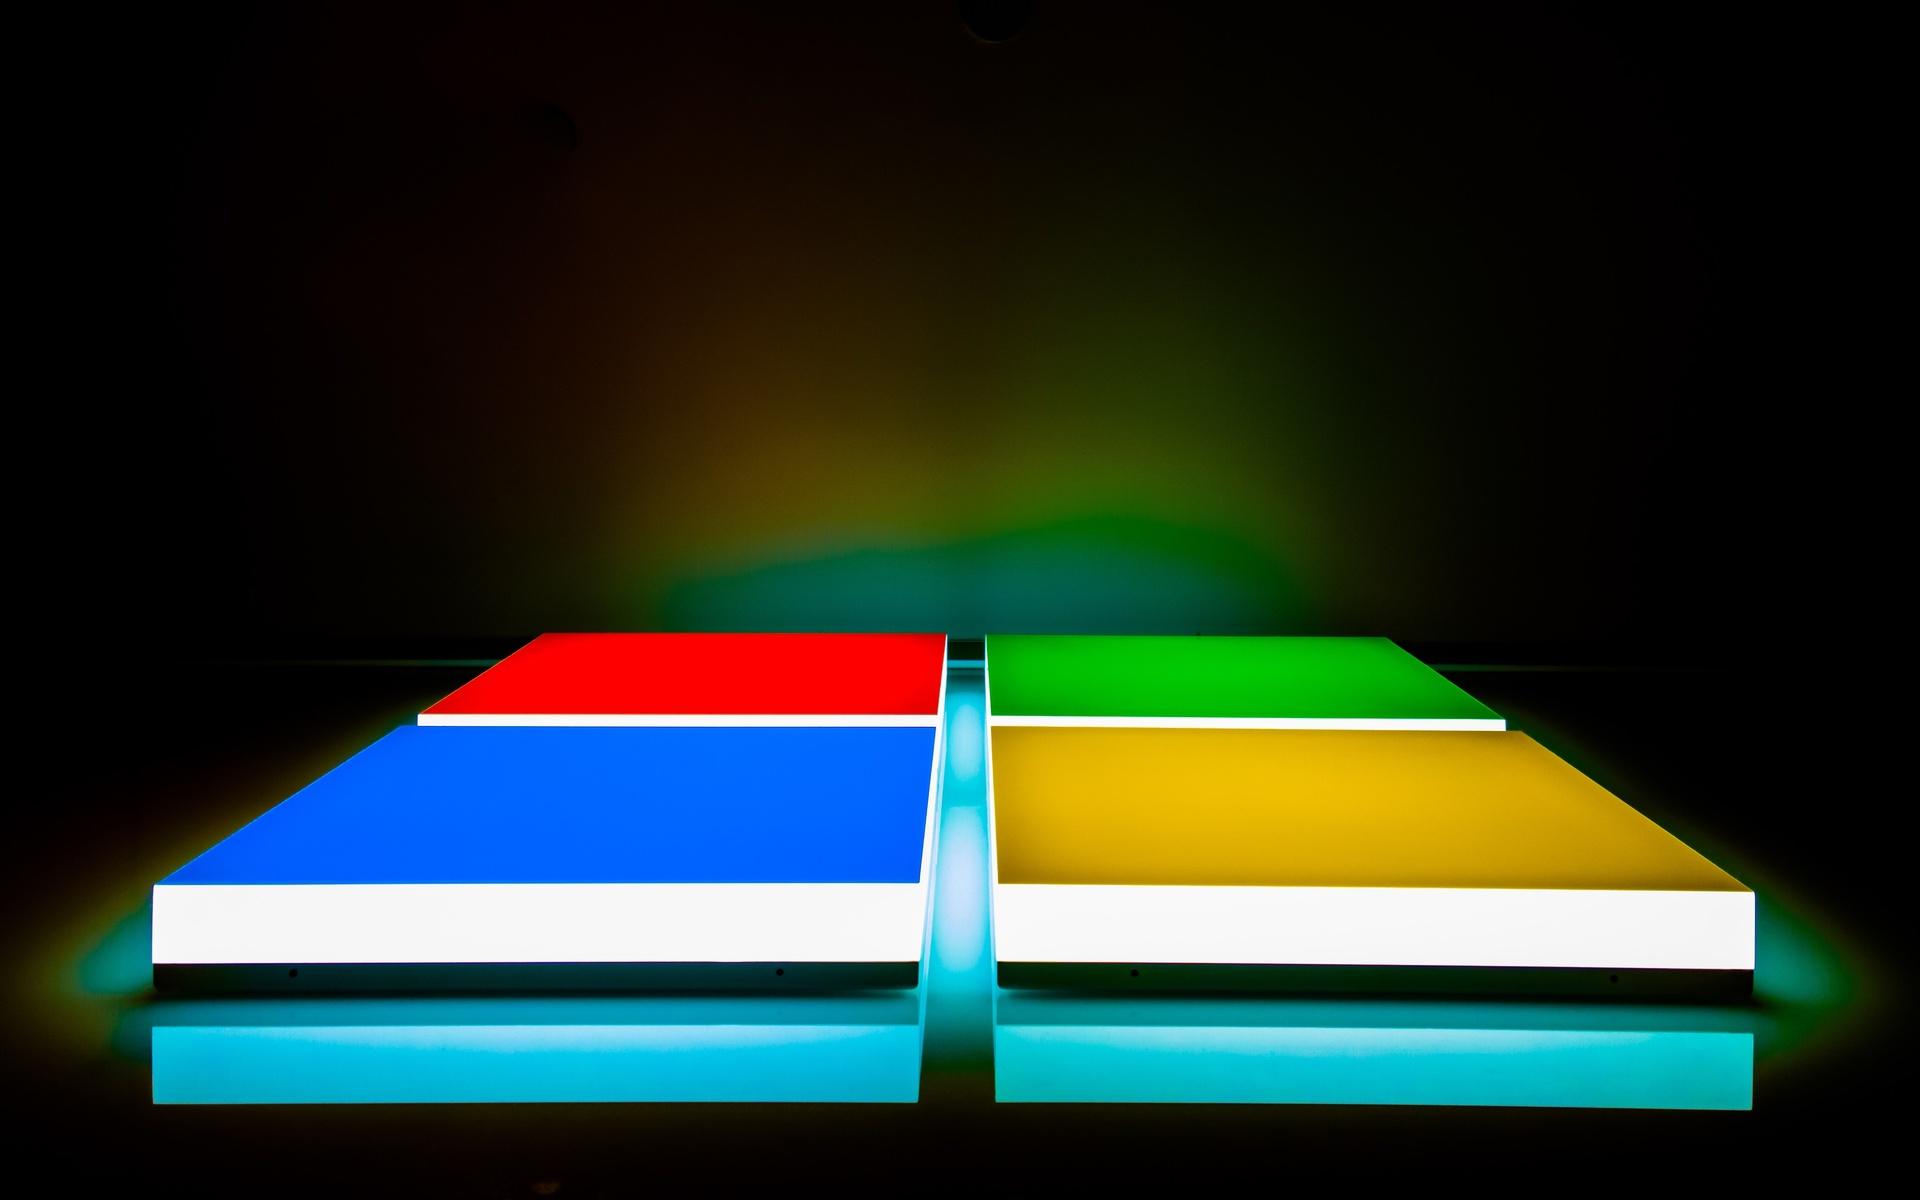 логотип, microsoft, цвета